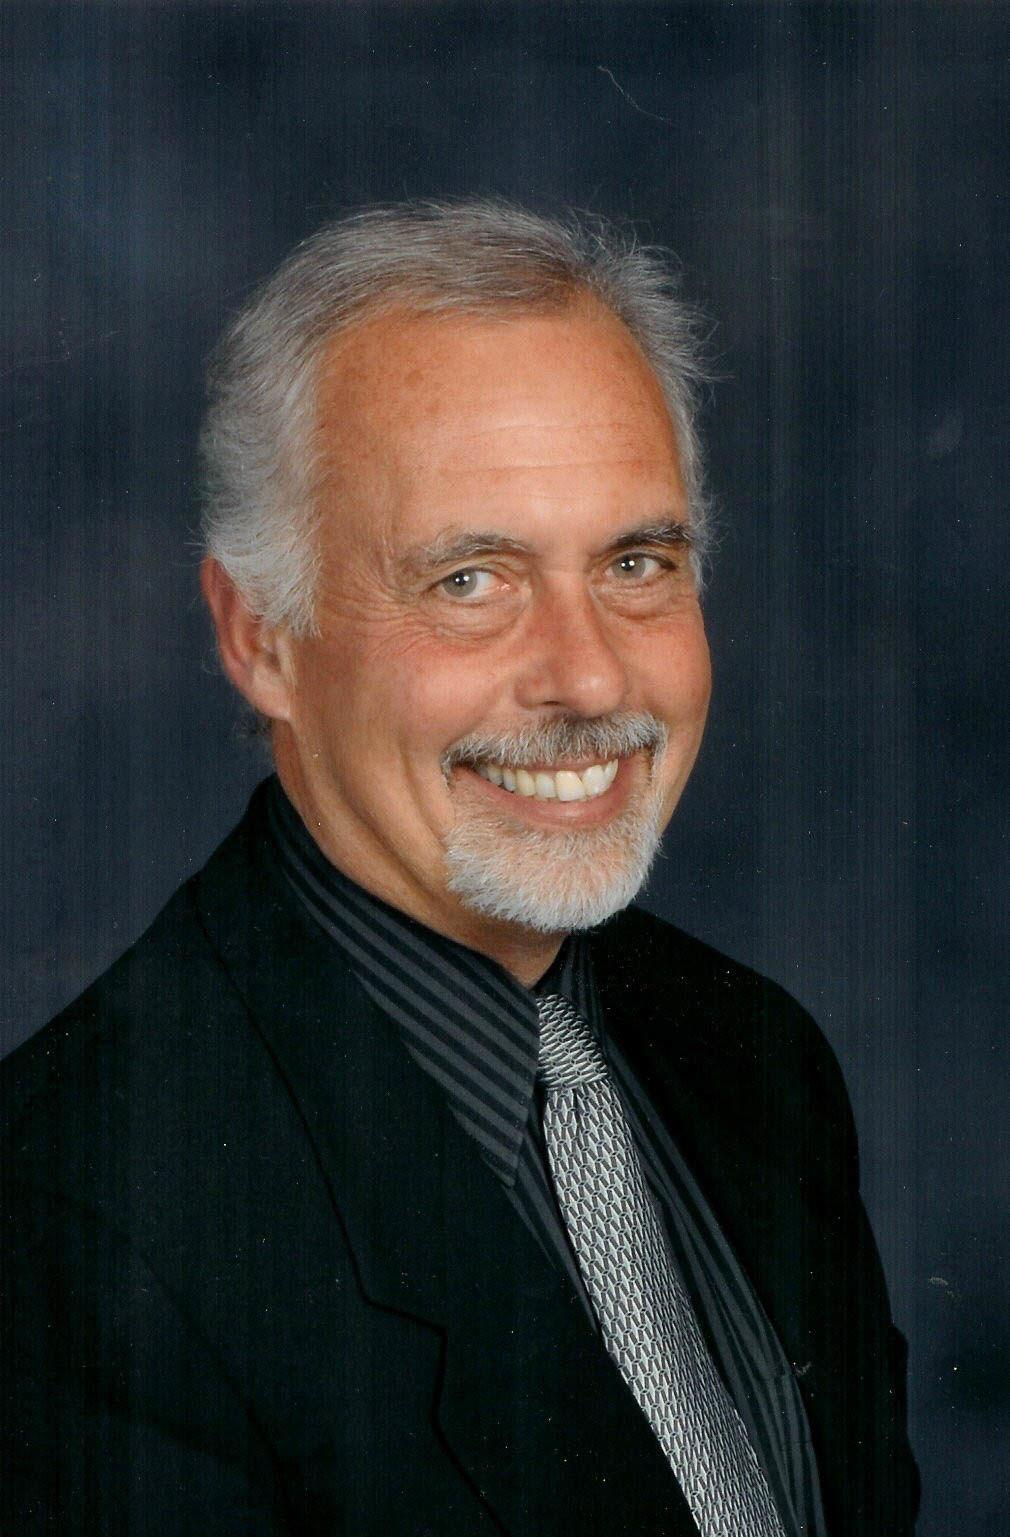 Greg Asimakoupoulos